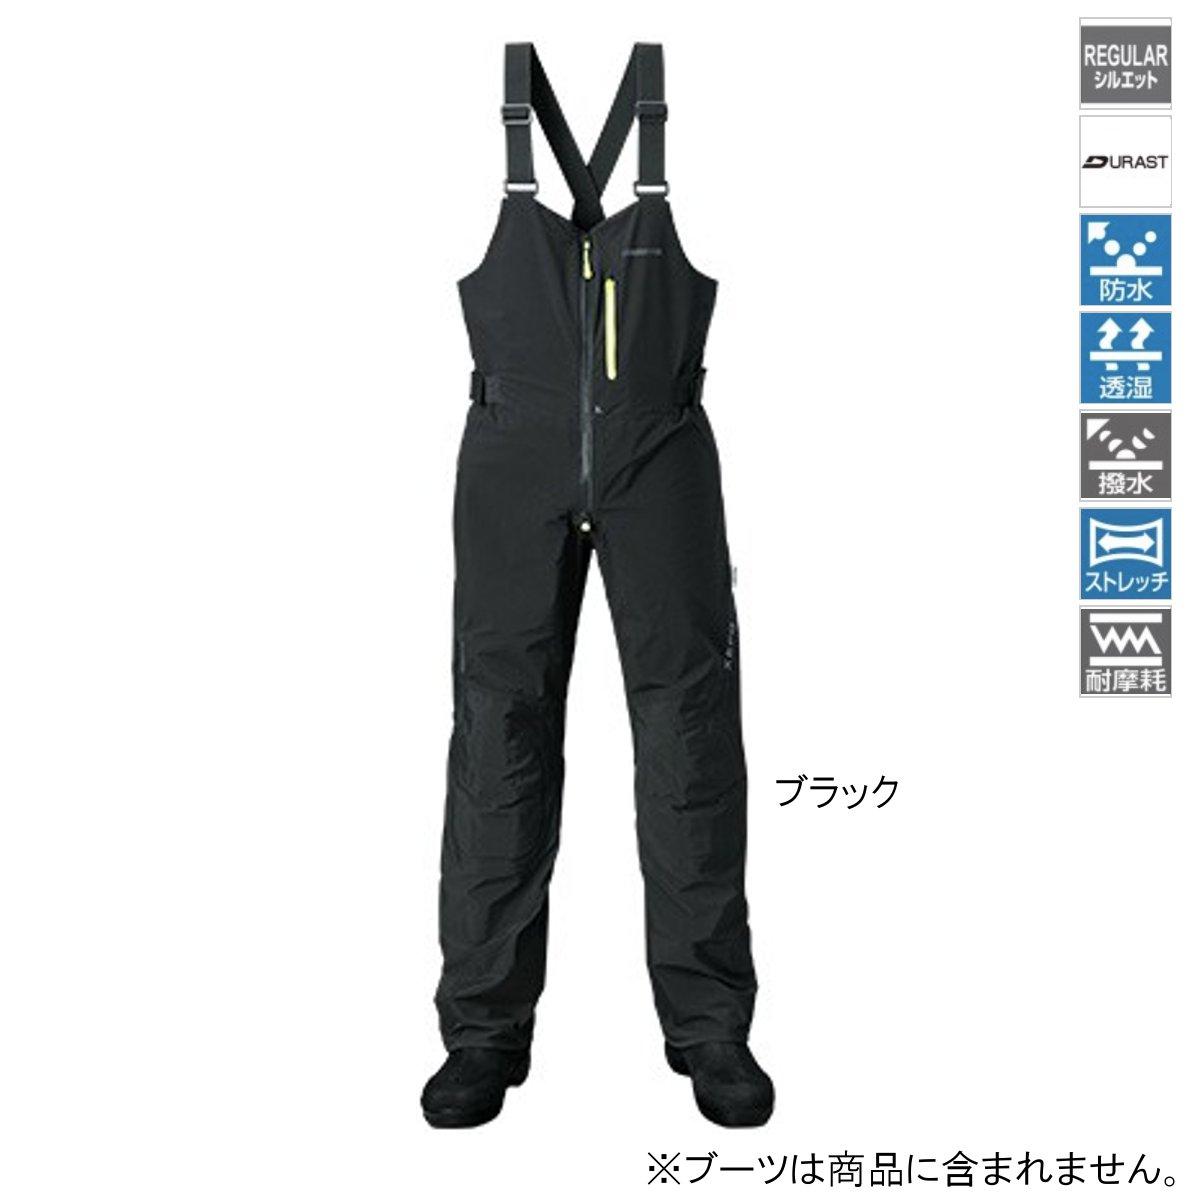 シマノ XEFO・DURASTレインビブ RA-26PS M ブラック(東日本店)